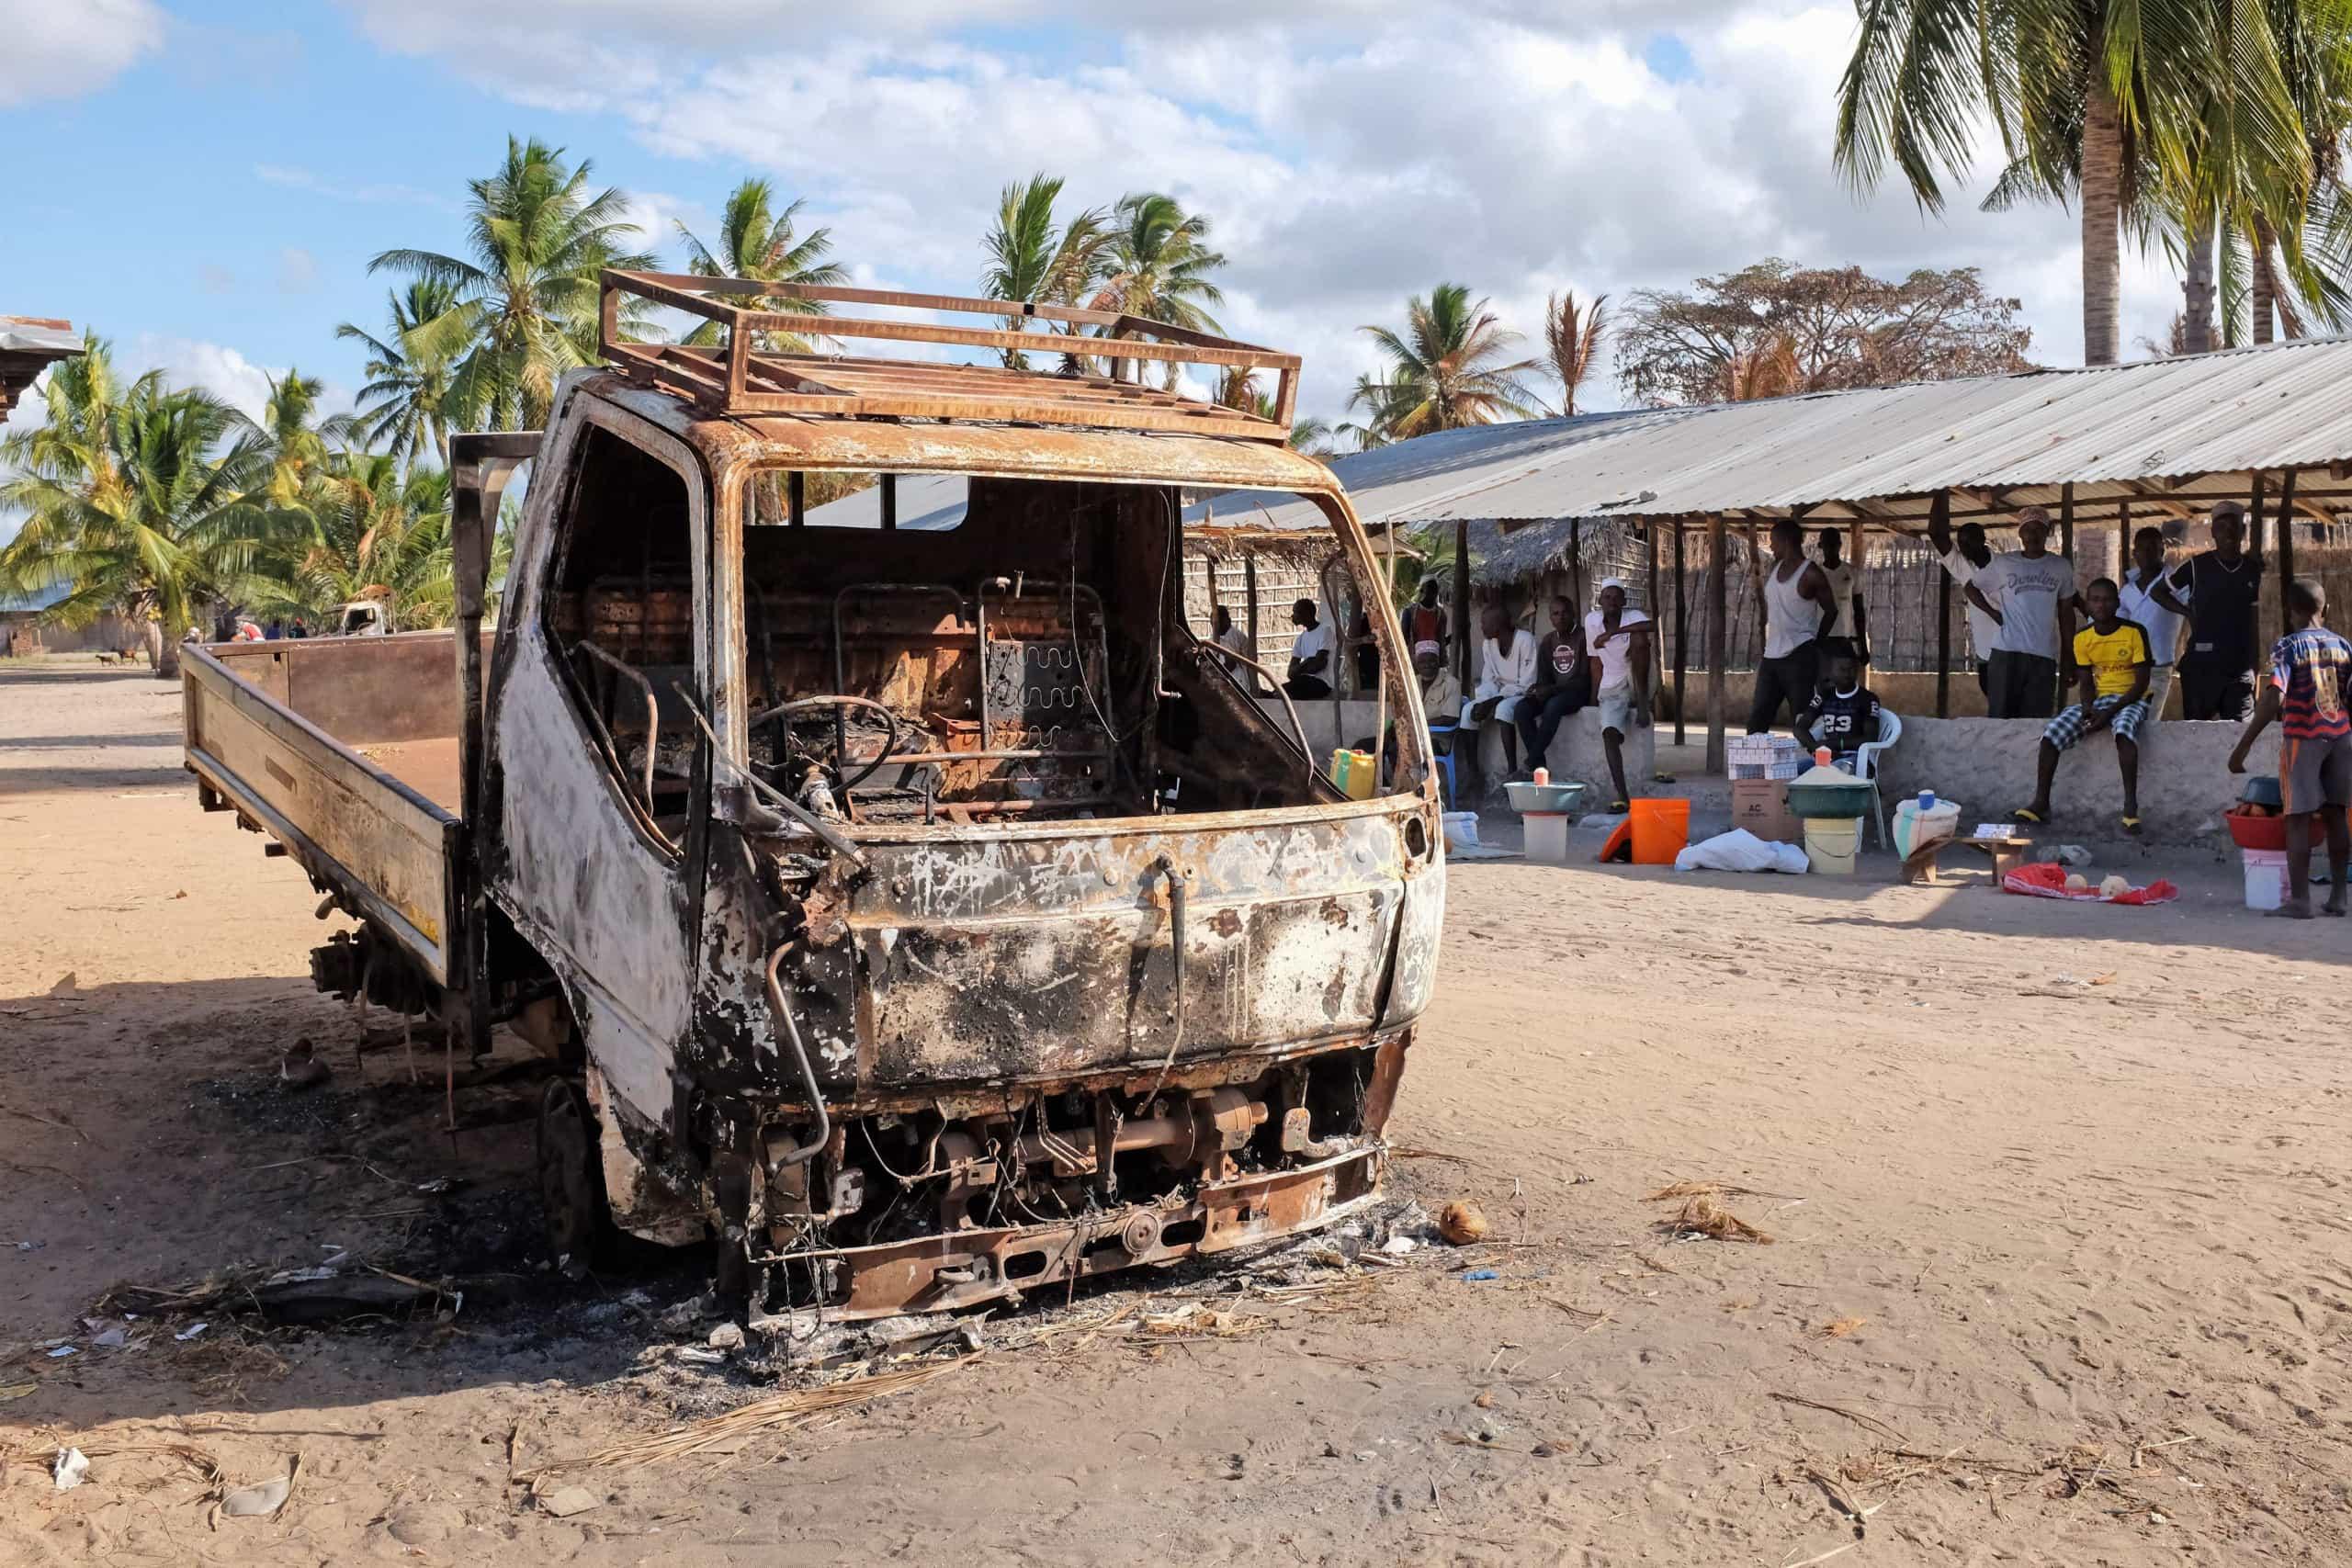 Moçambique: Forças especiais tomam base insurgente e capturam membros